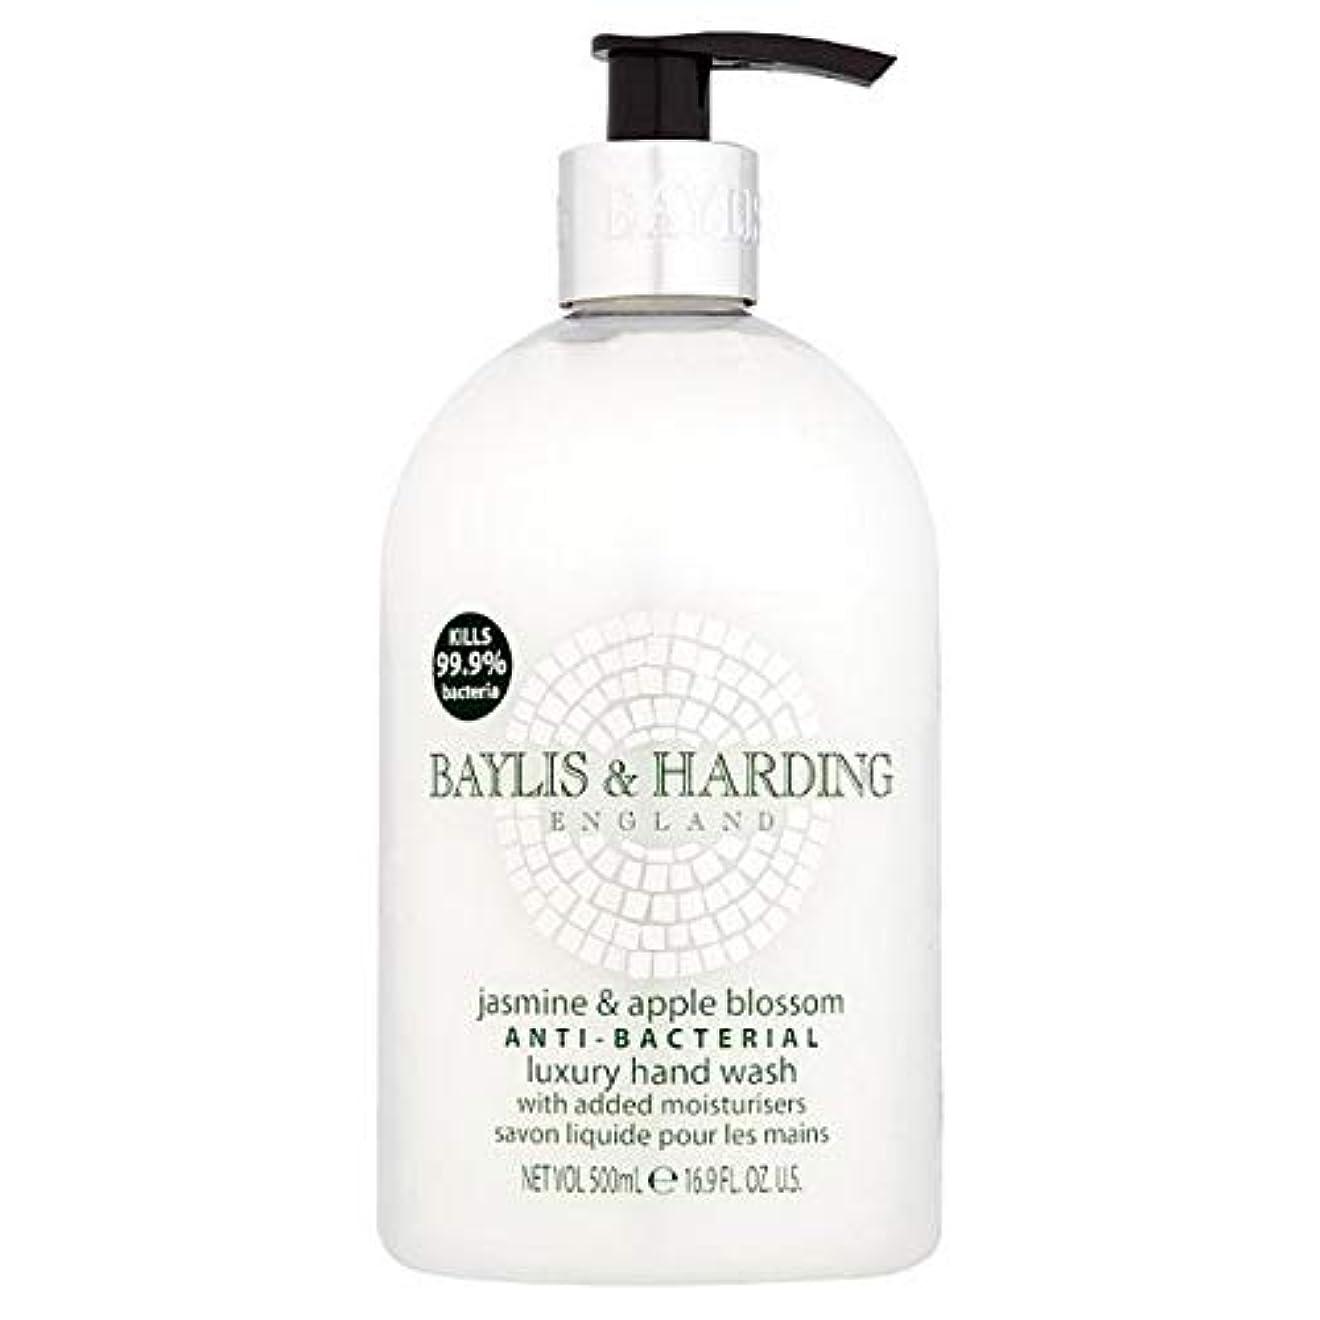 小麦粉多年生認識[Baylis & Harding ] ベイリス&ハーディング署名抗菌手洗い用500ミリリットル - Baylis & Harding Signature Antibacterial Hand Wash 500ml [並行輸入品]